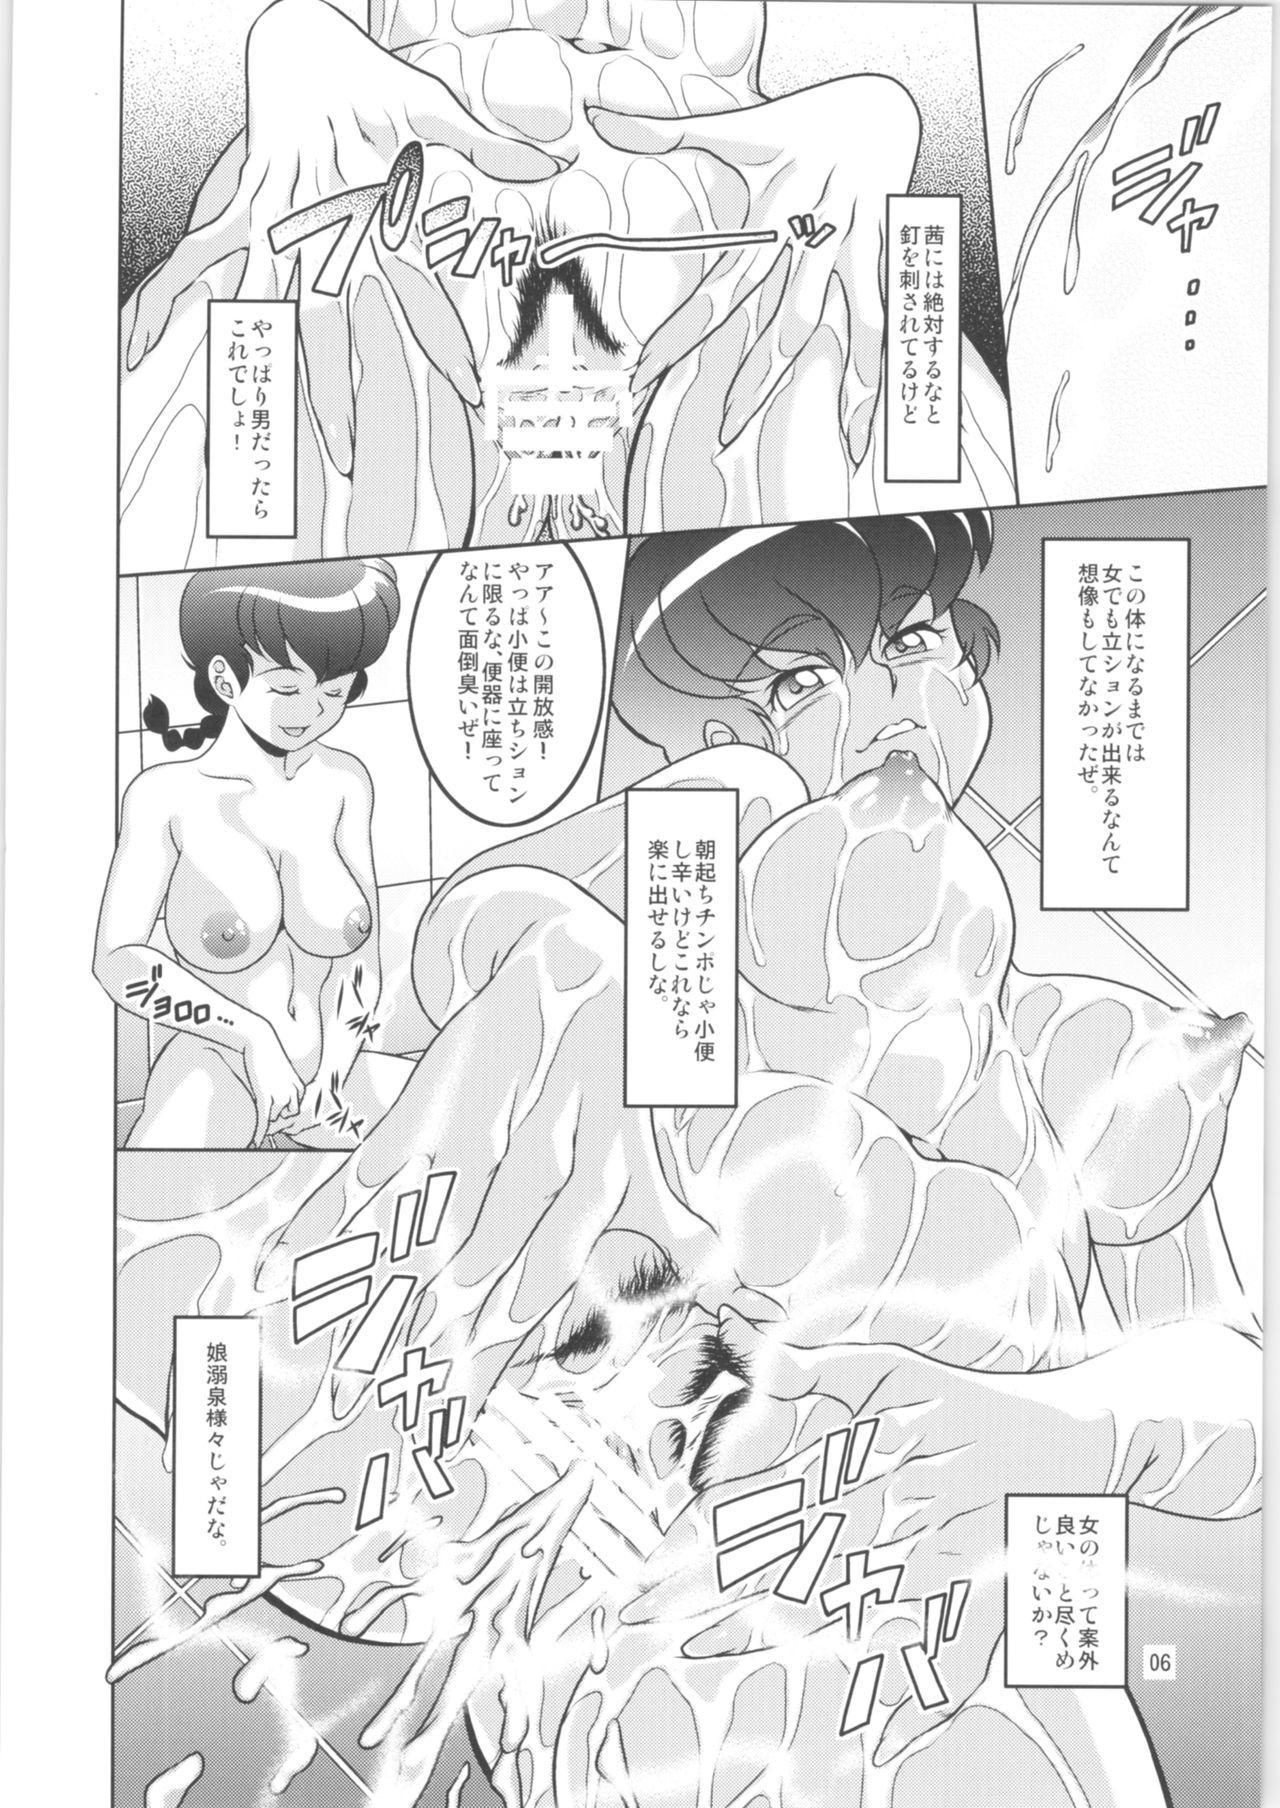 Nannichuan no Shinjitsu 2 4